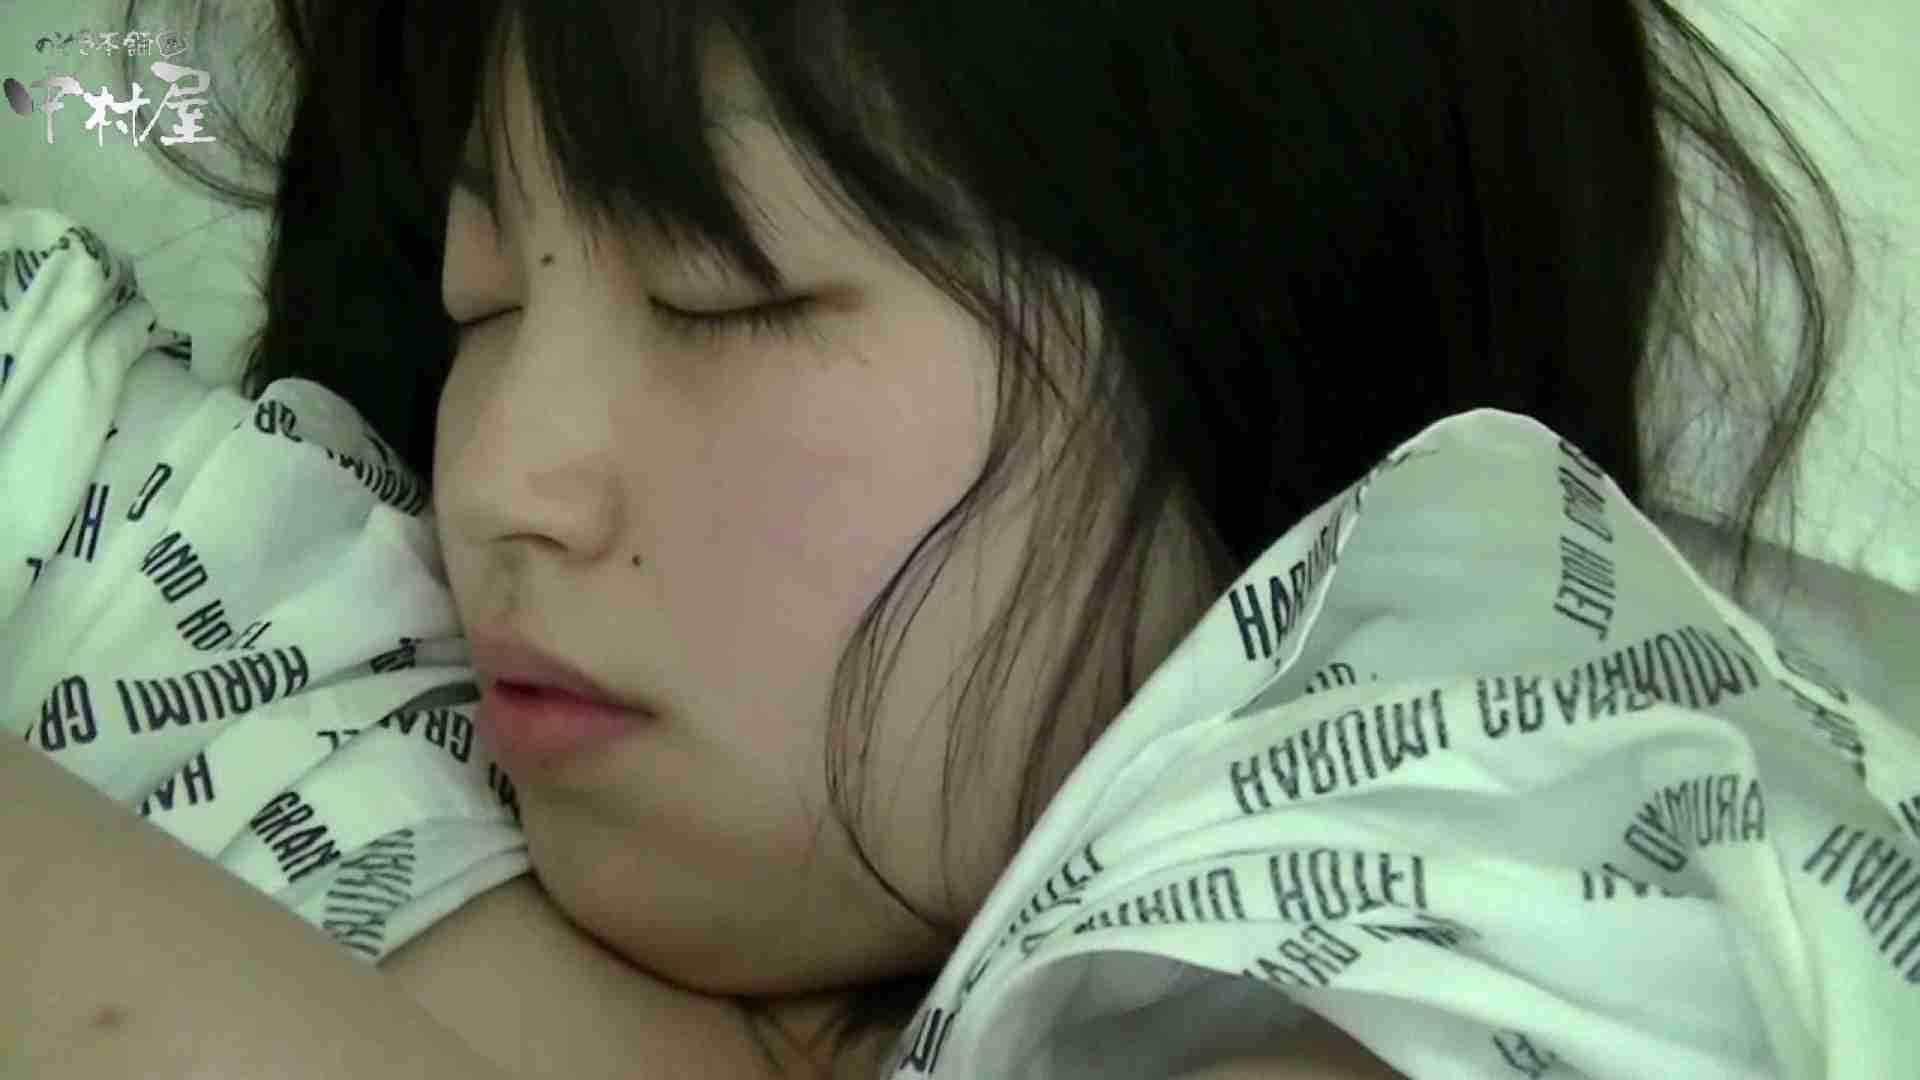 ネムリ姫 vol.51 前編 無修正マンコ AV動画キャプチャ 109連発 3